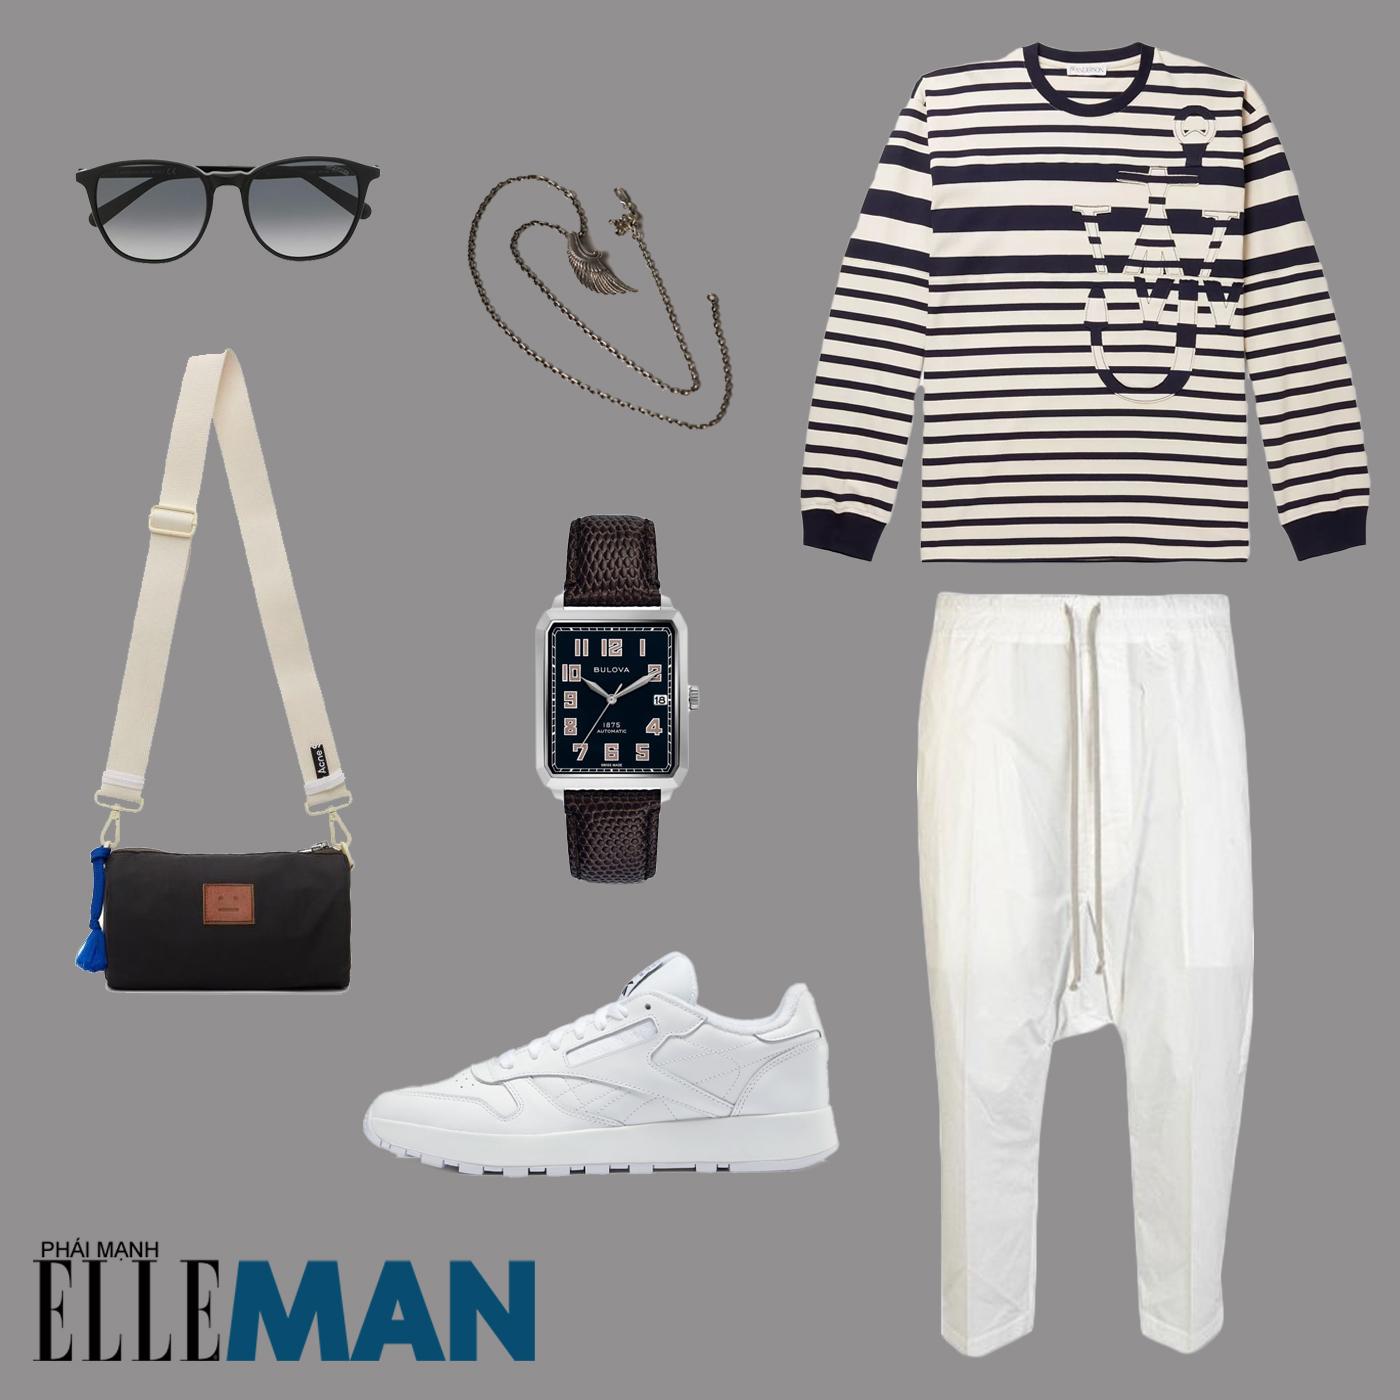 ao ke ngang breton - elle man style calendar - layout outfit 3